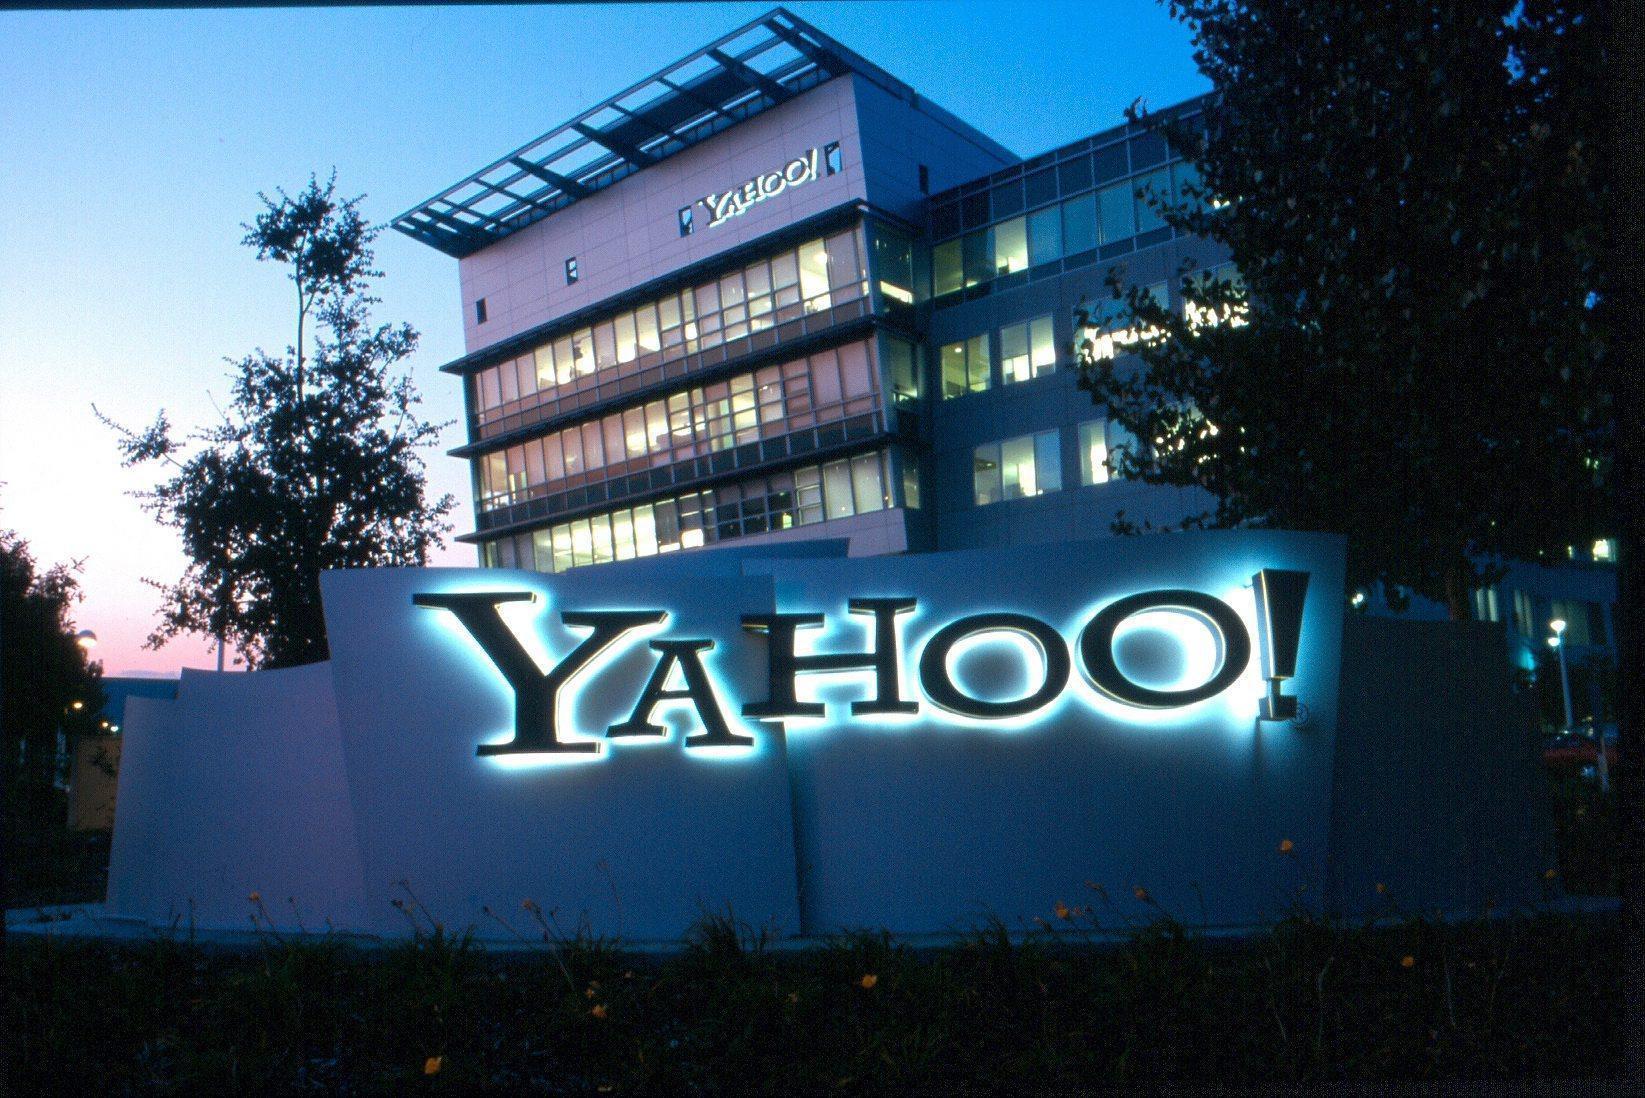 Yahoo!, ecco come scoprire se vi hanno hackerato l'account